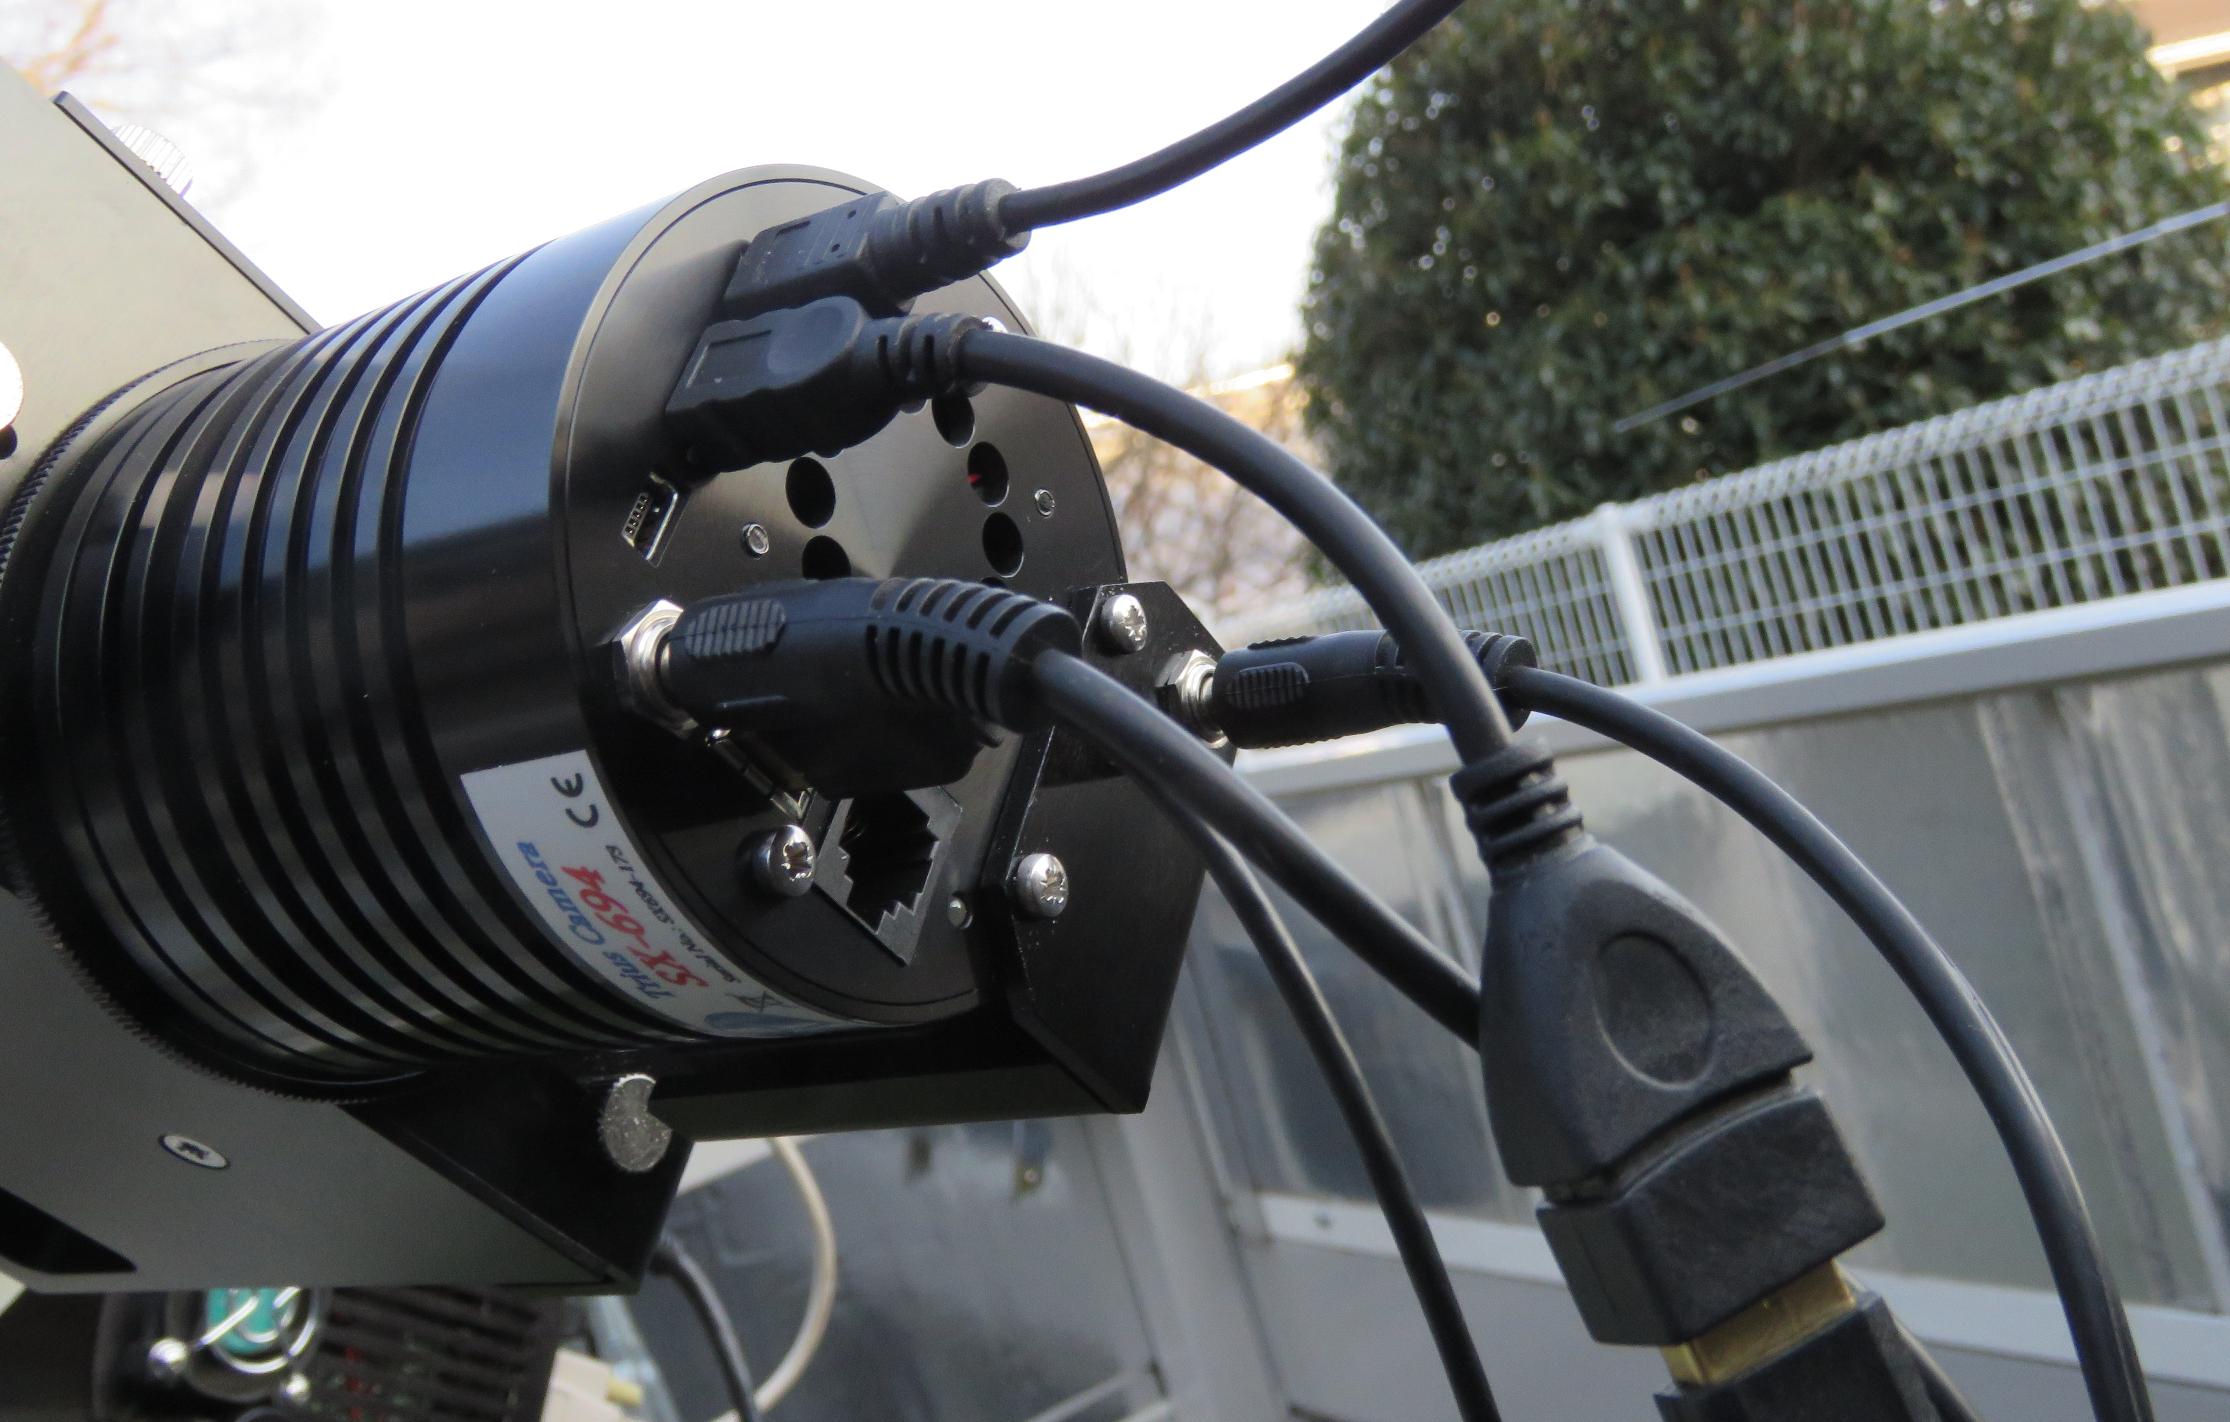 http://meineko.sakura.ne.jp/etc/SXSpectrograph-USB-hub.JPG